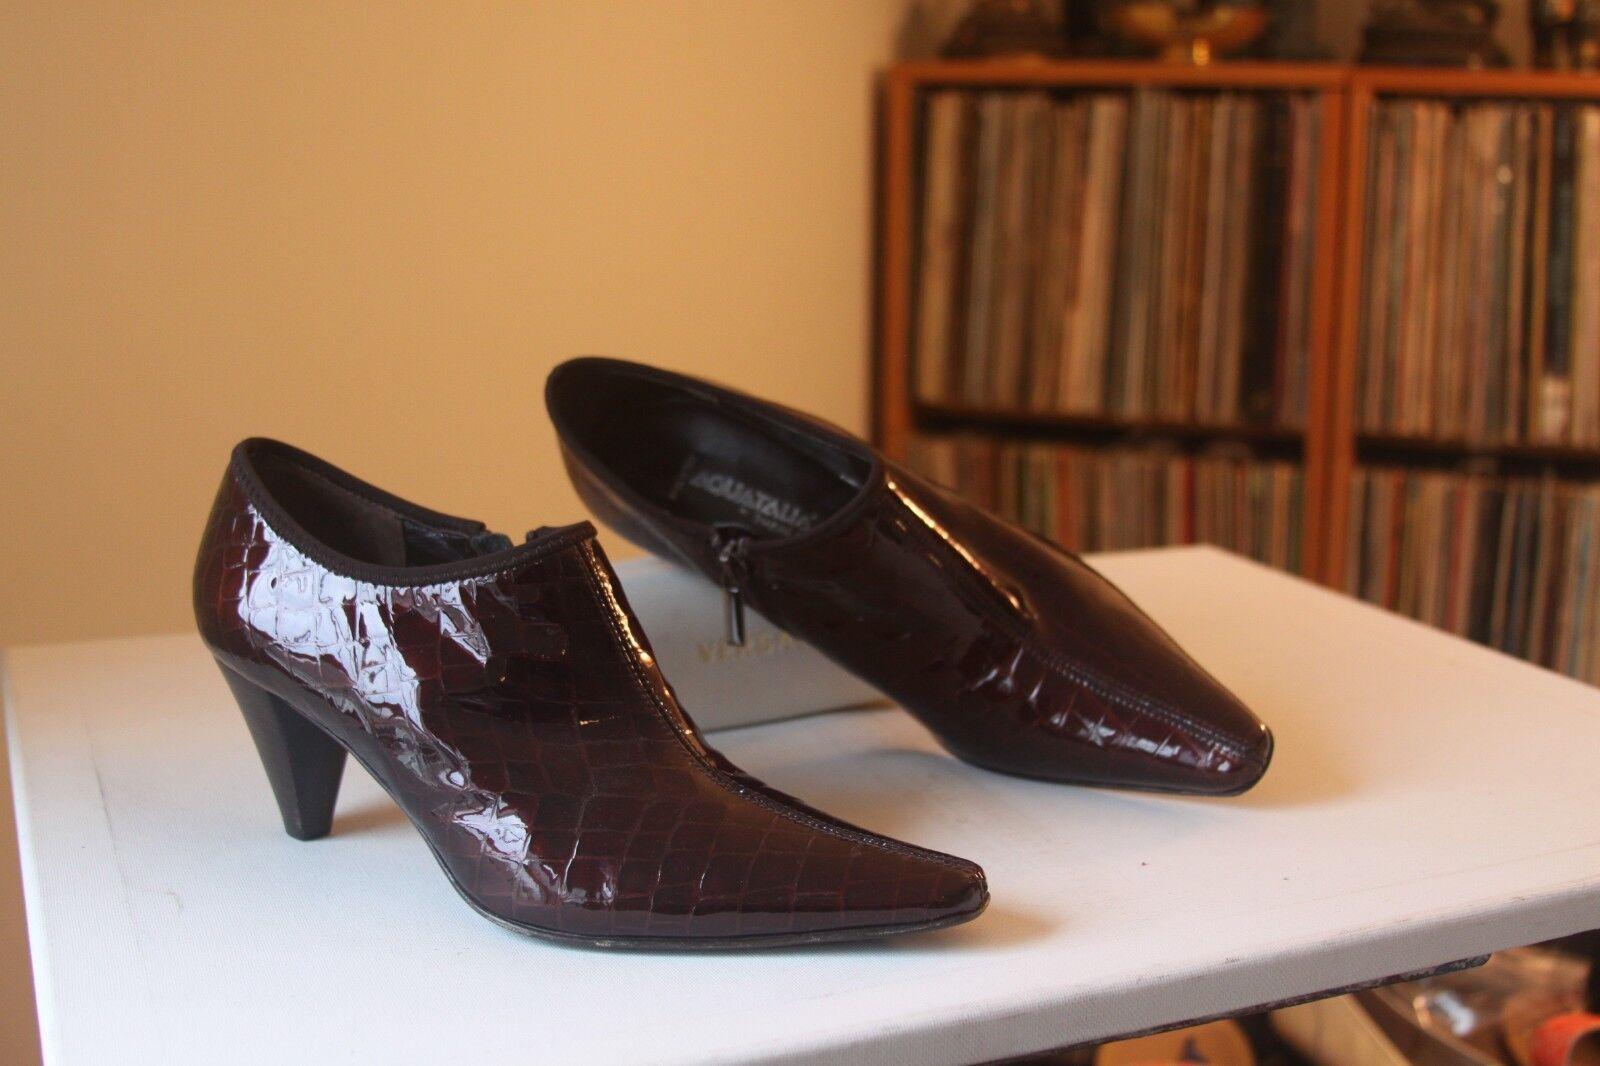 Aquatalia Marvin K Burgundy Faux Croc Patent Leder Side Side Side Zip Booties Größe 9.5 64315b